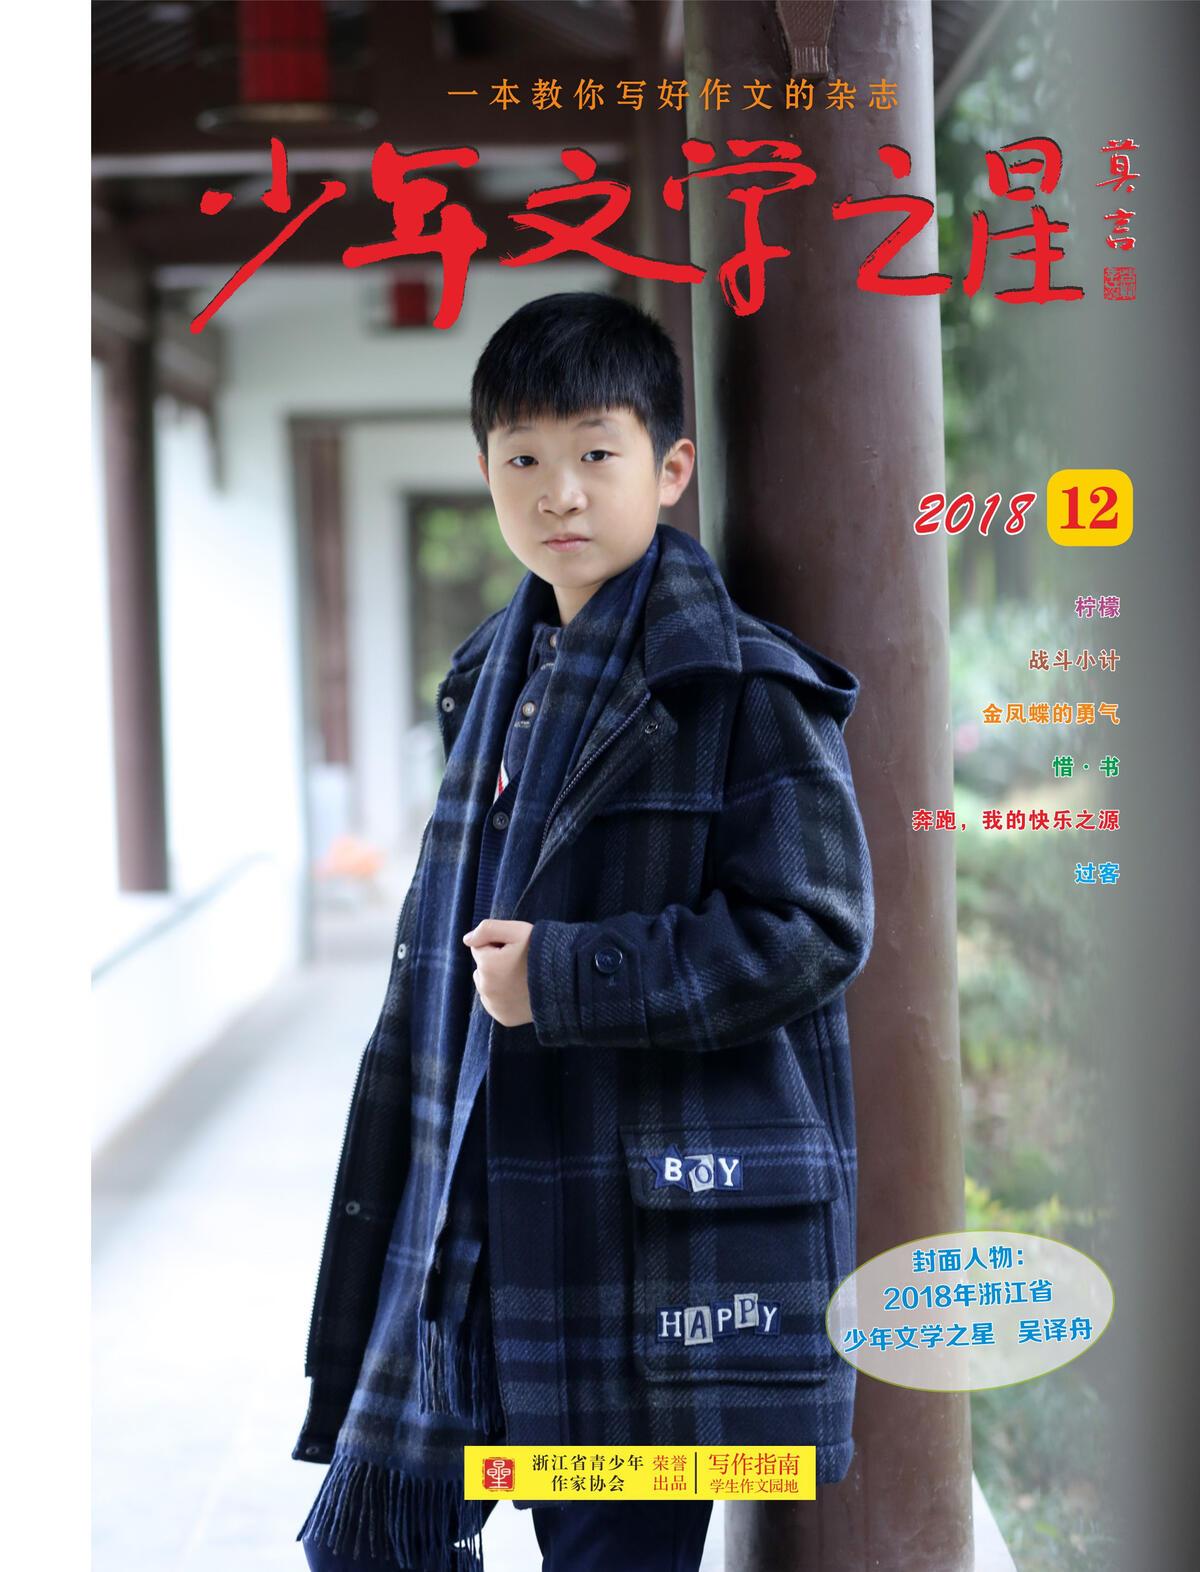 《少年文学之星》2018年12月刊